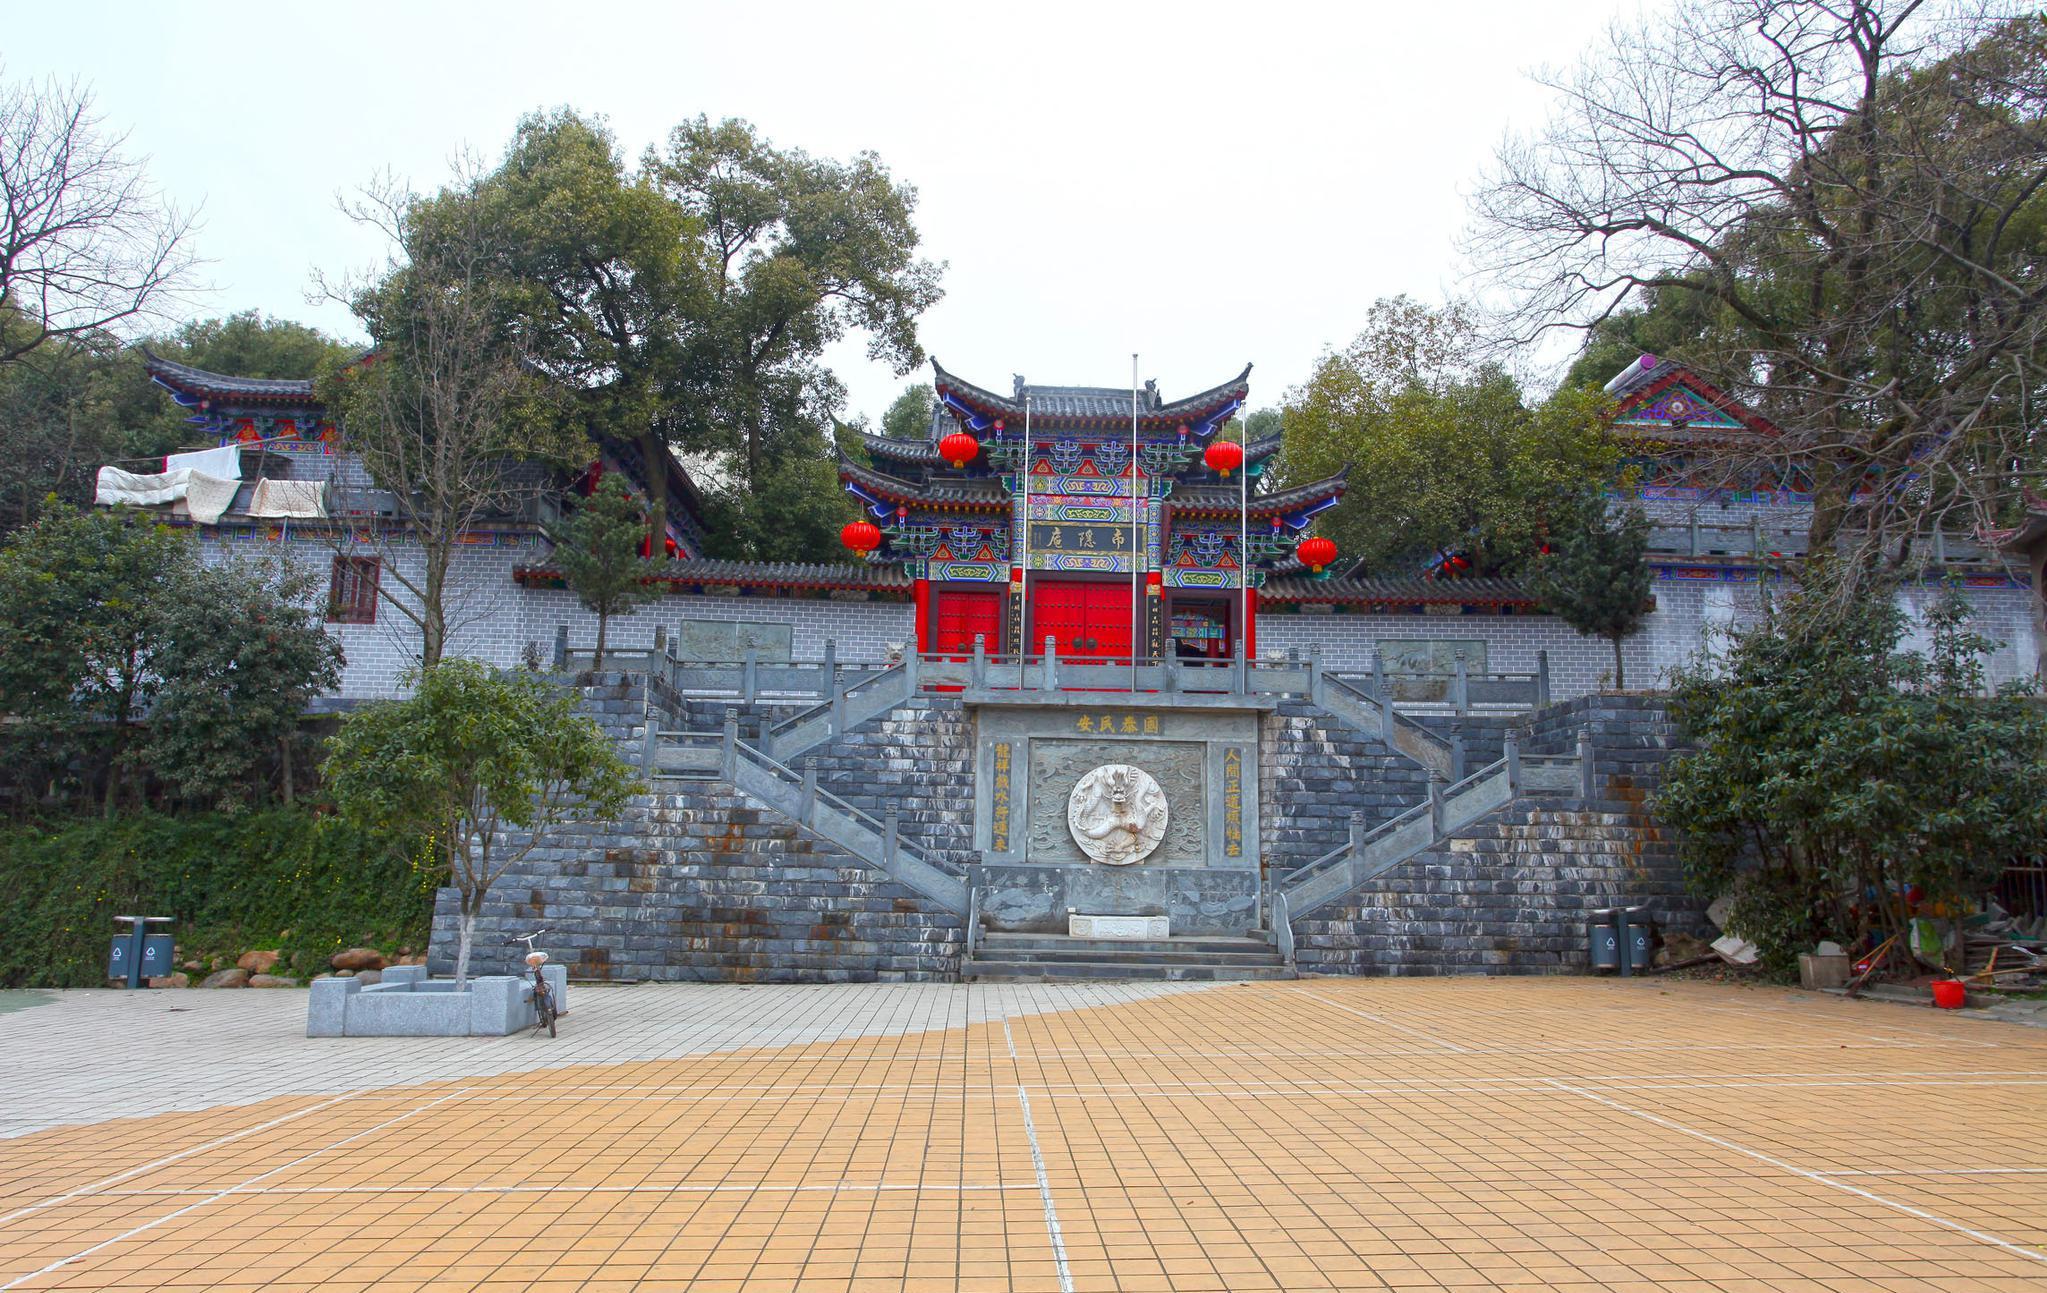 江西九江浔阳楼、庐山、东林寺旅游景点游记心得